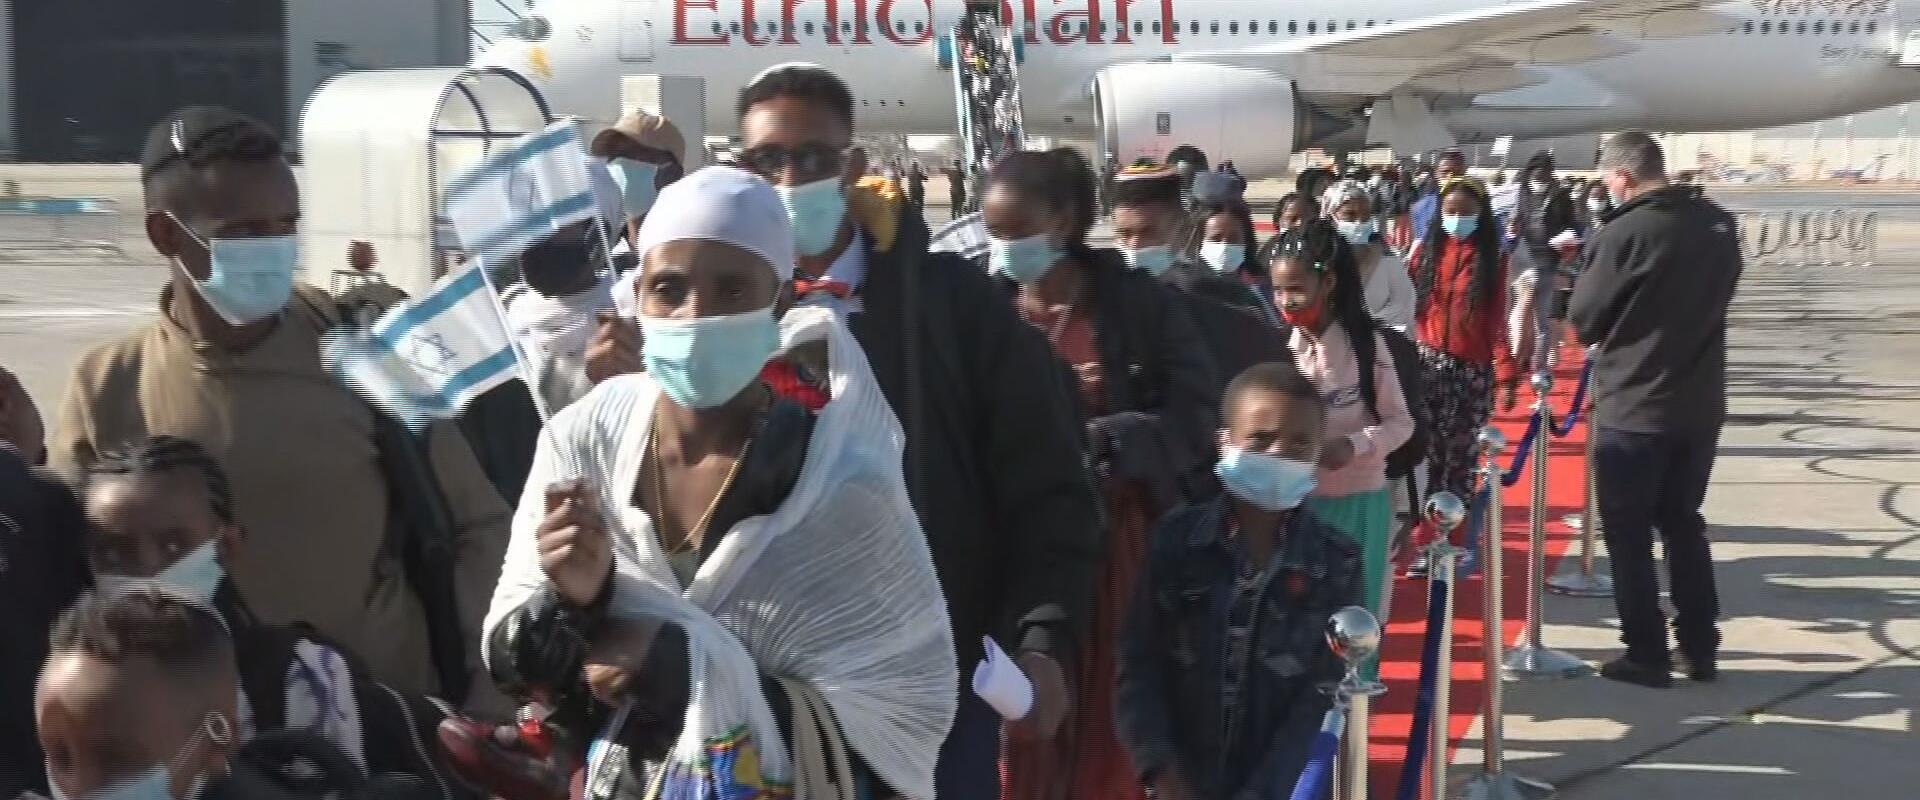 עולים מאתיופיה